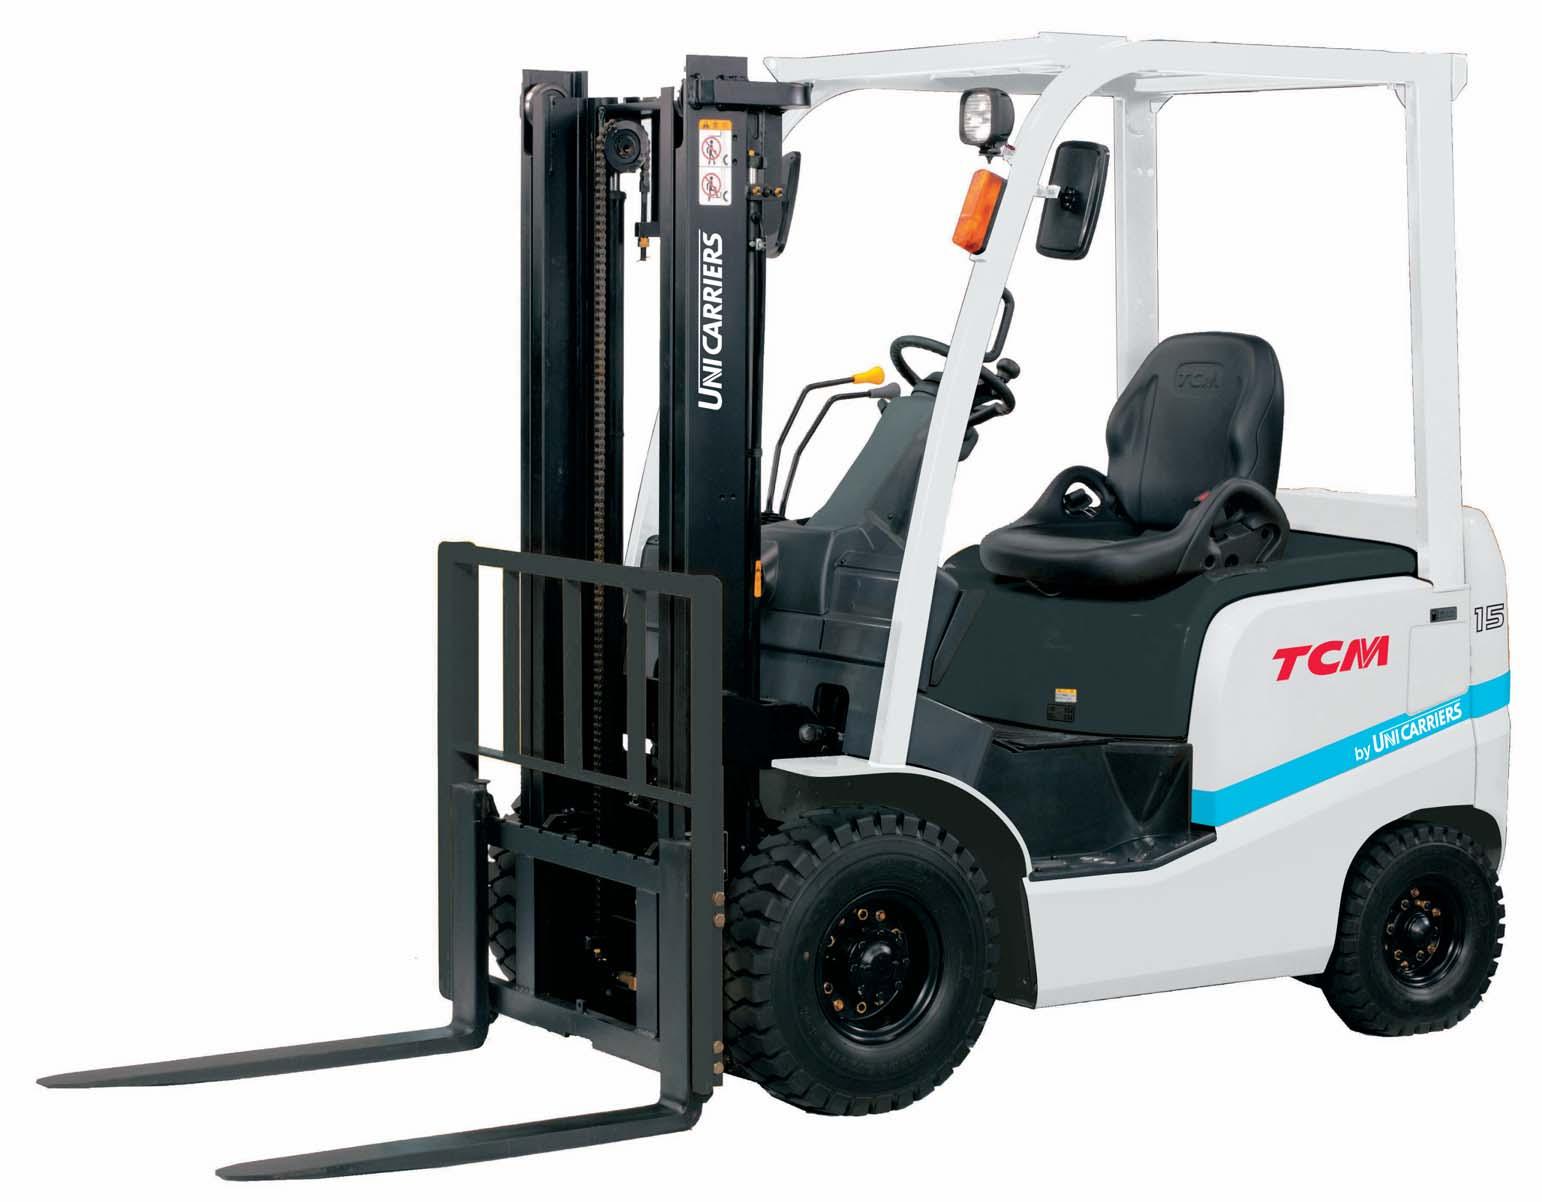 TCM FG40T9